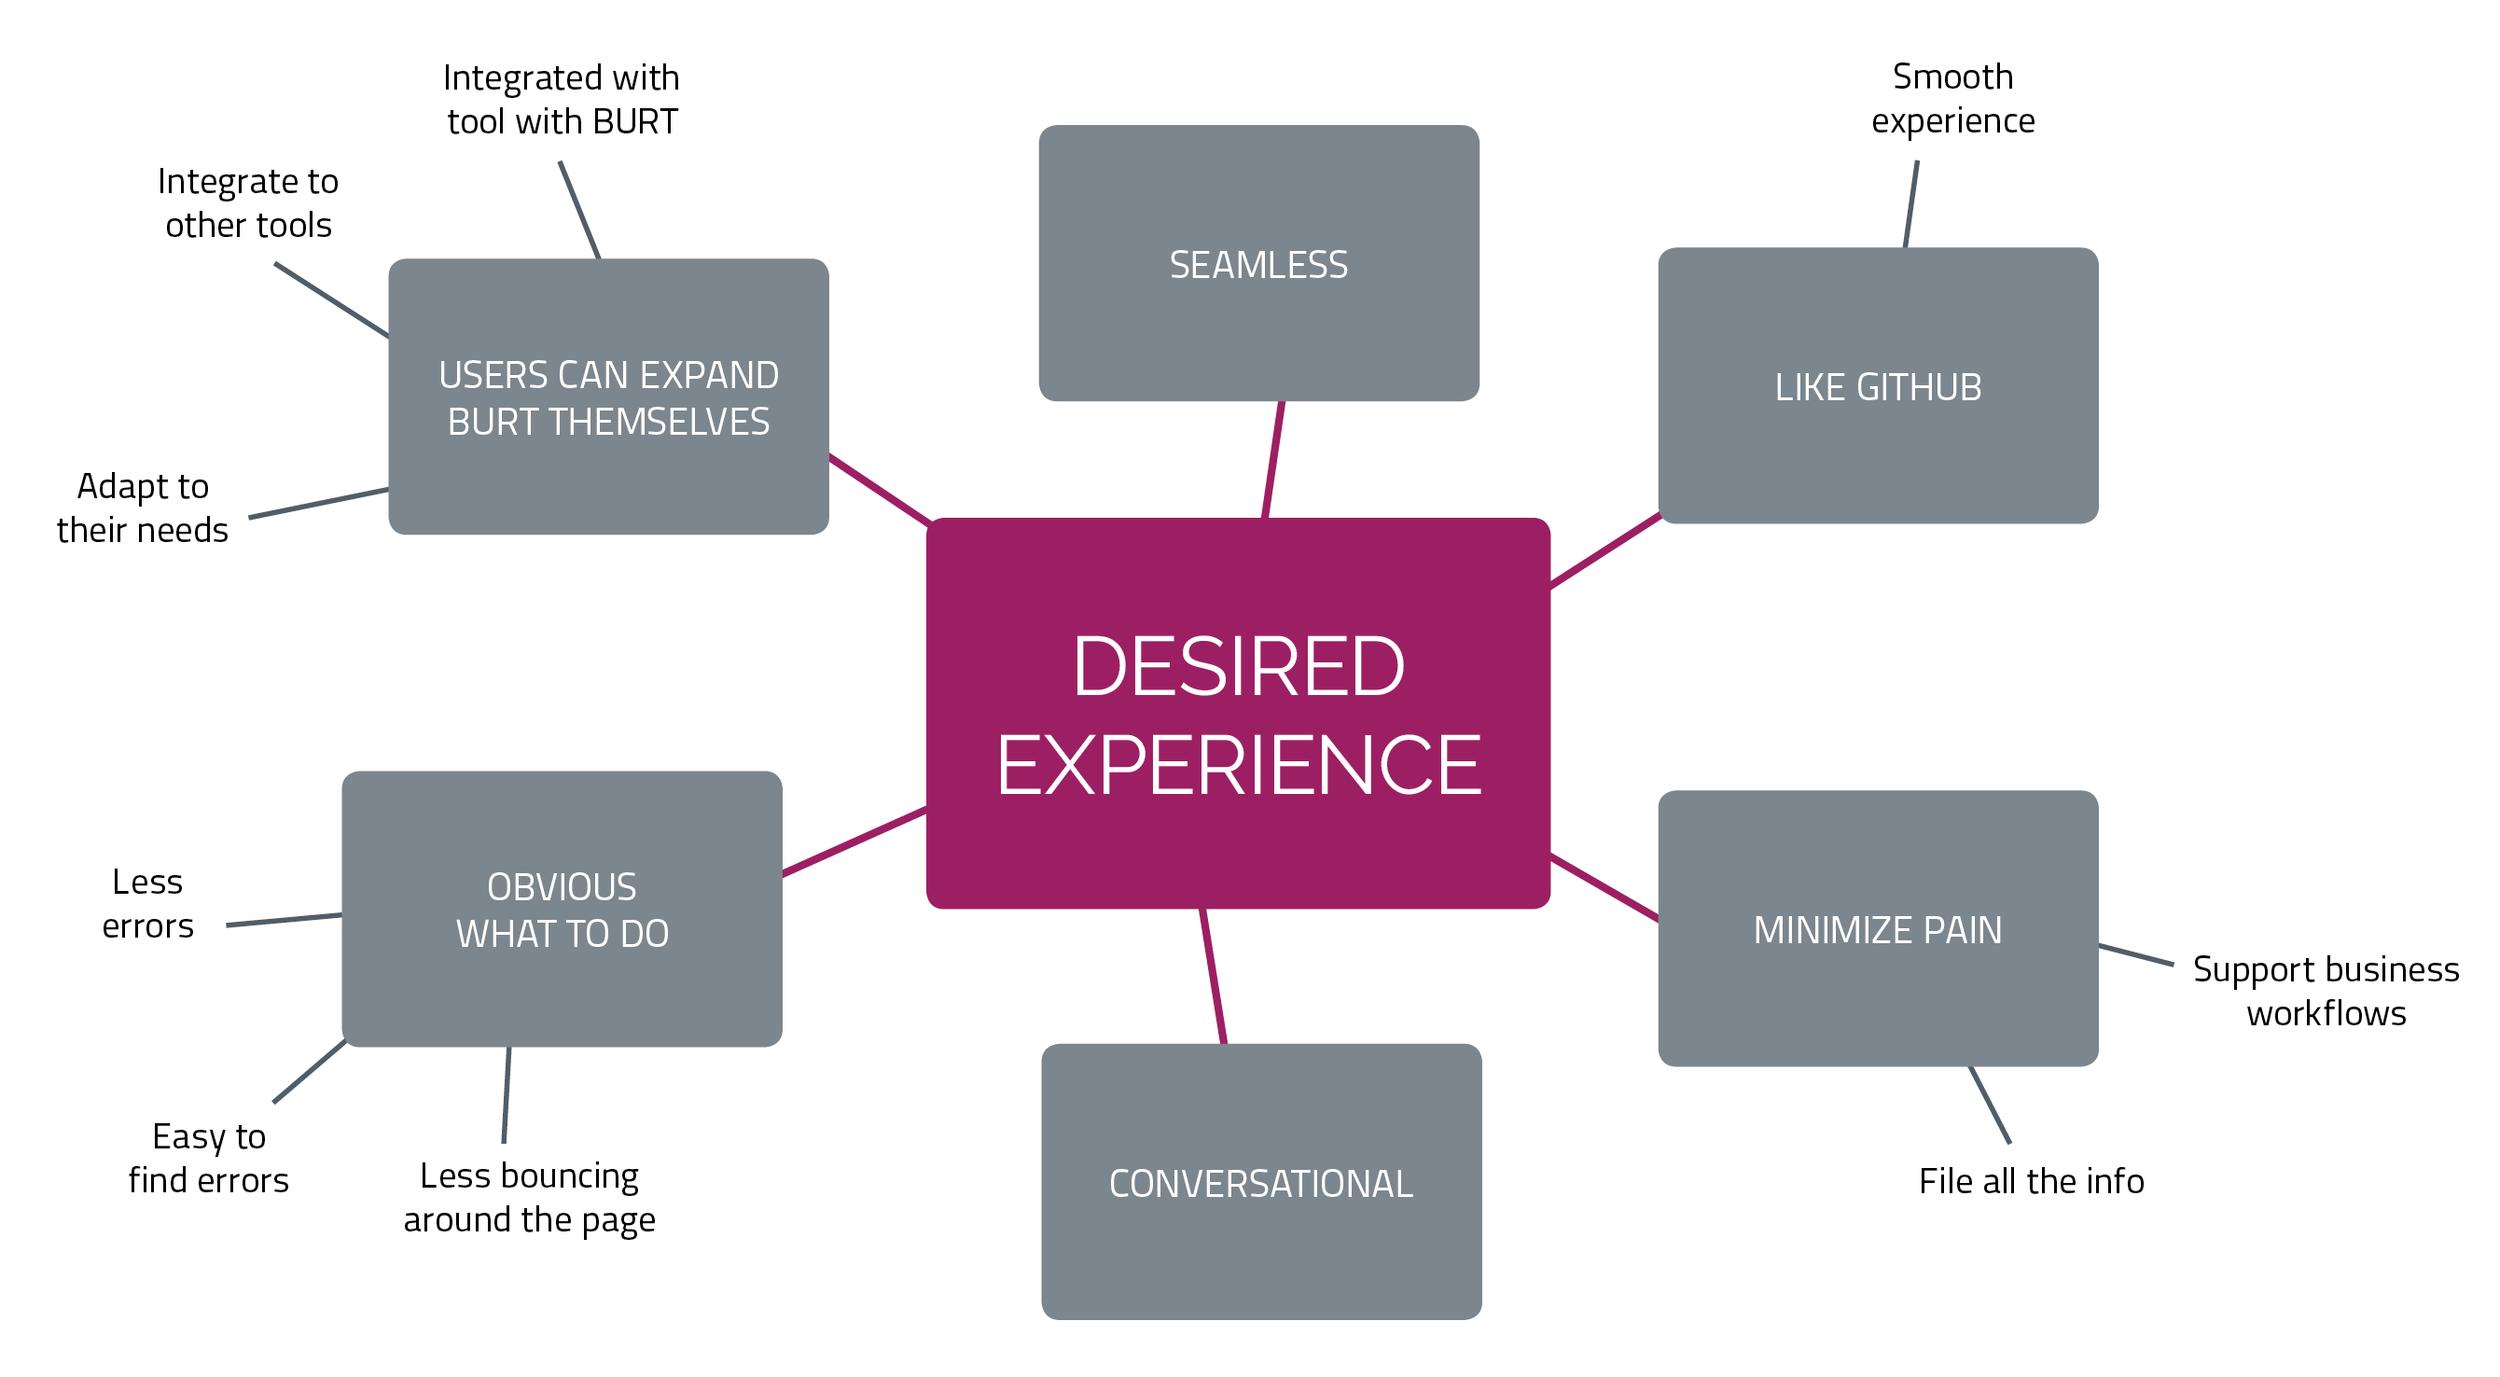 BURT design principles from client team discussion.